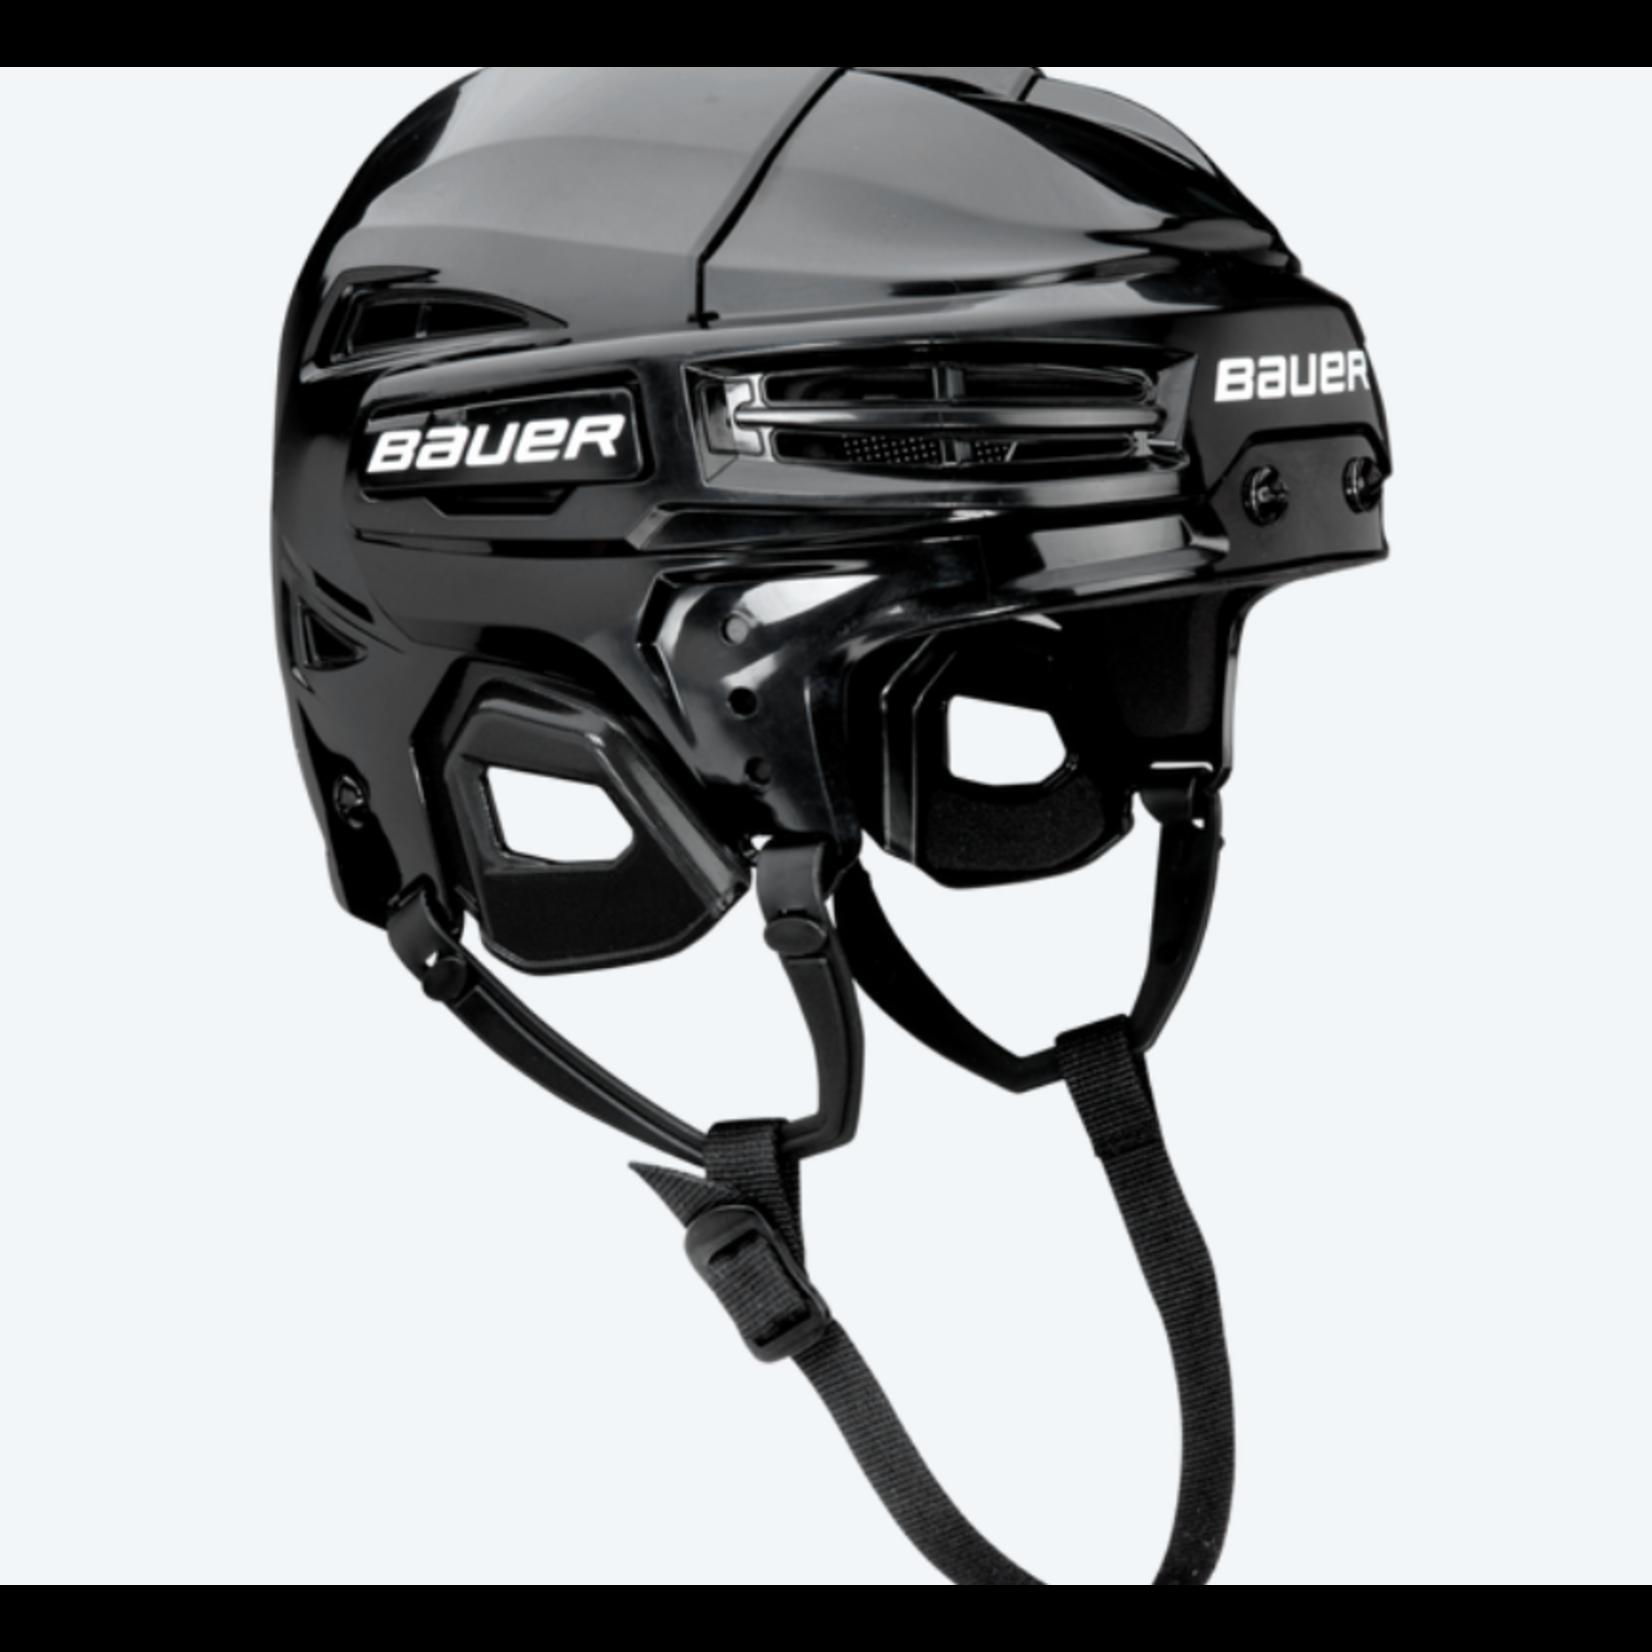 Bauer BAUER IMS 5.0 Helmet